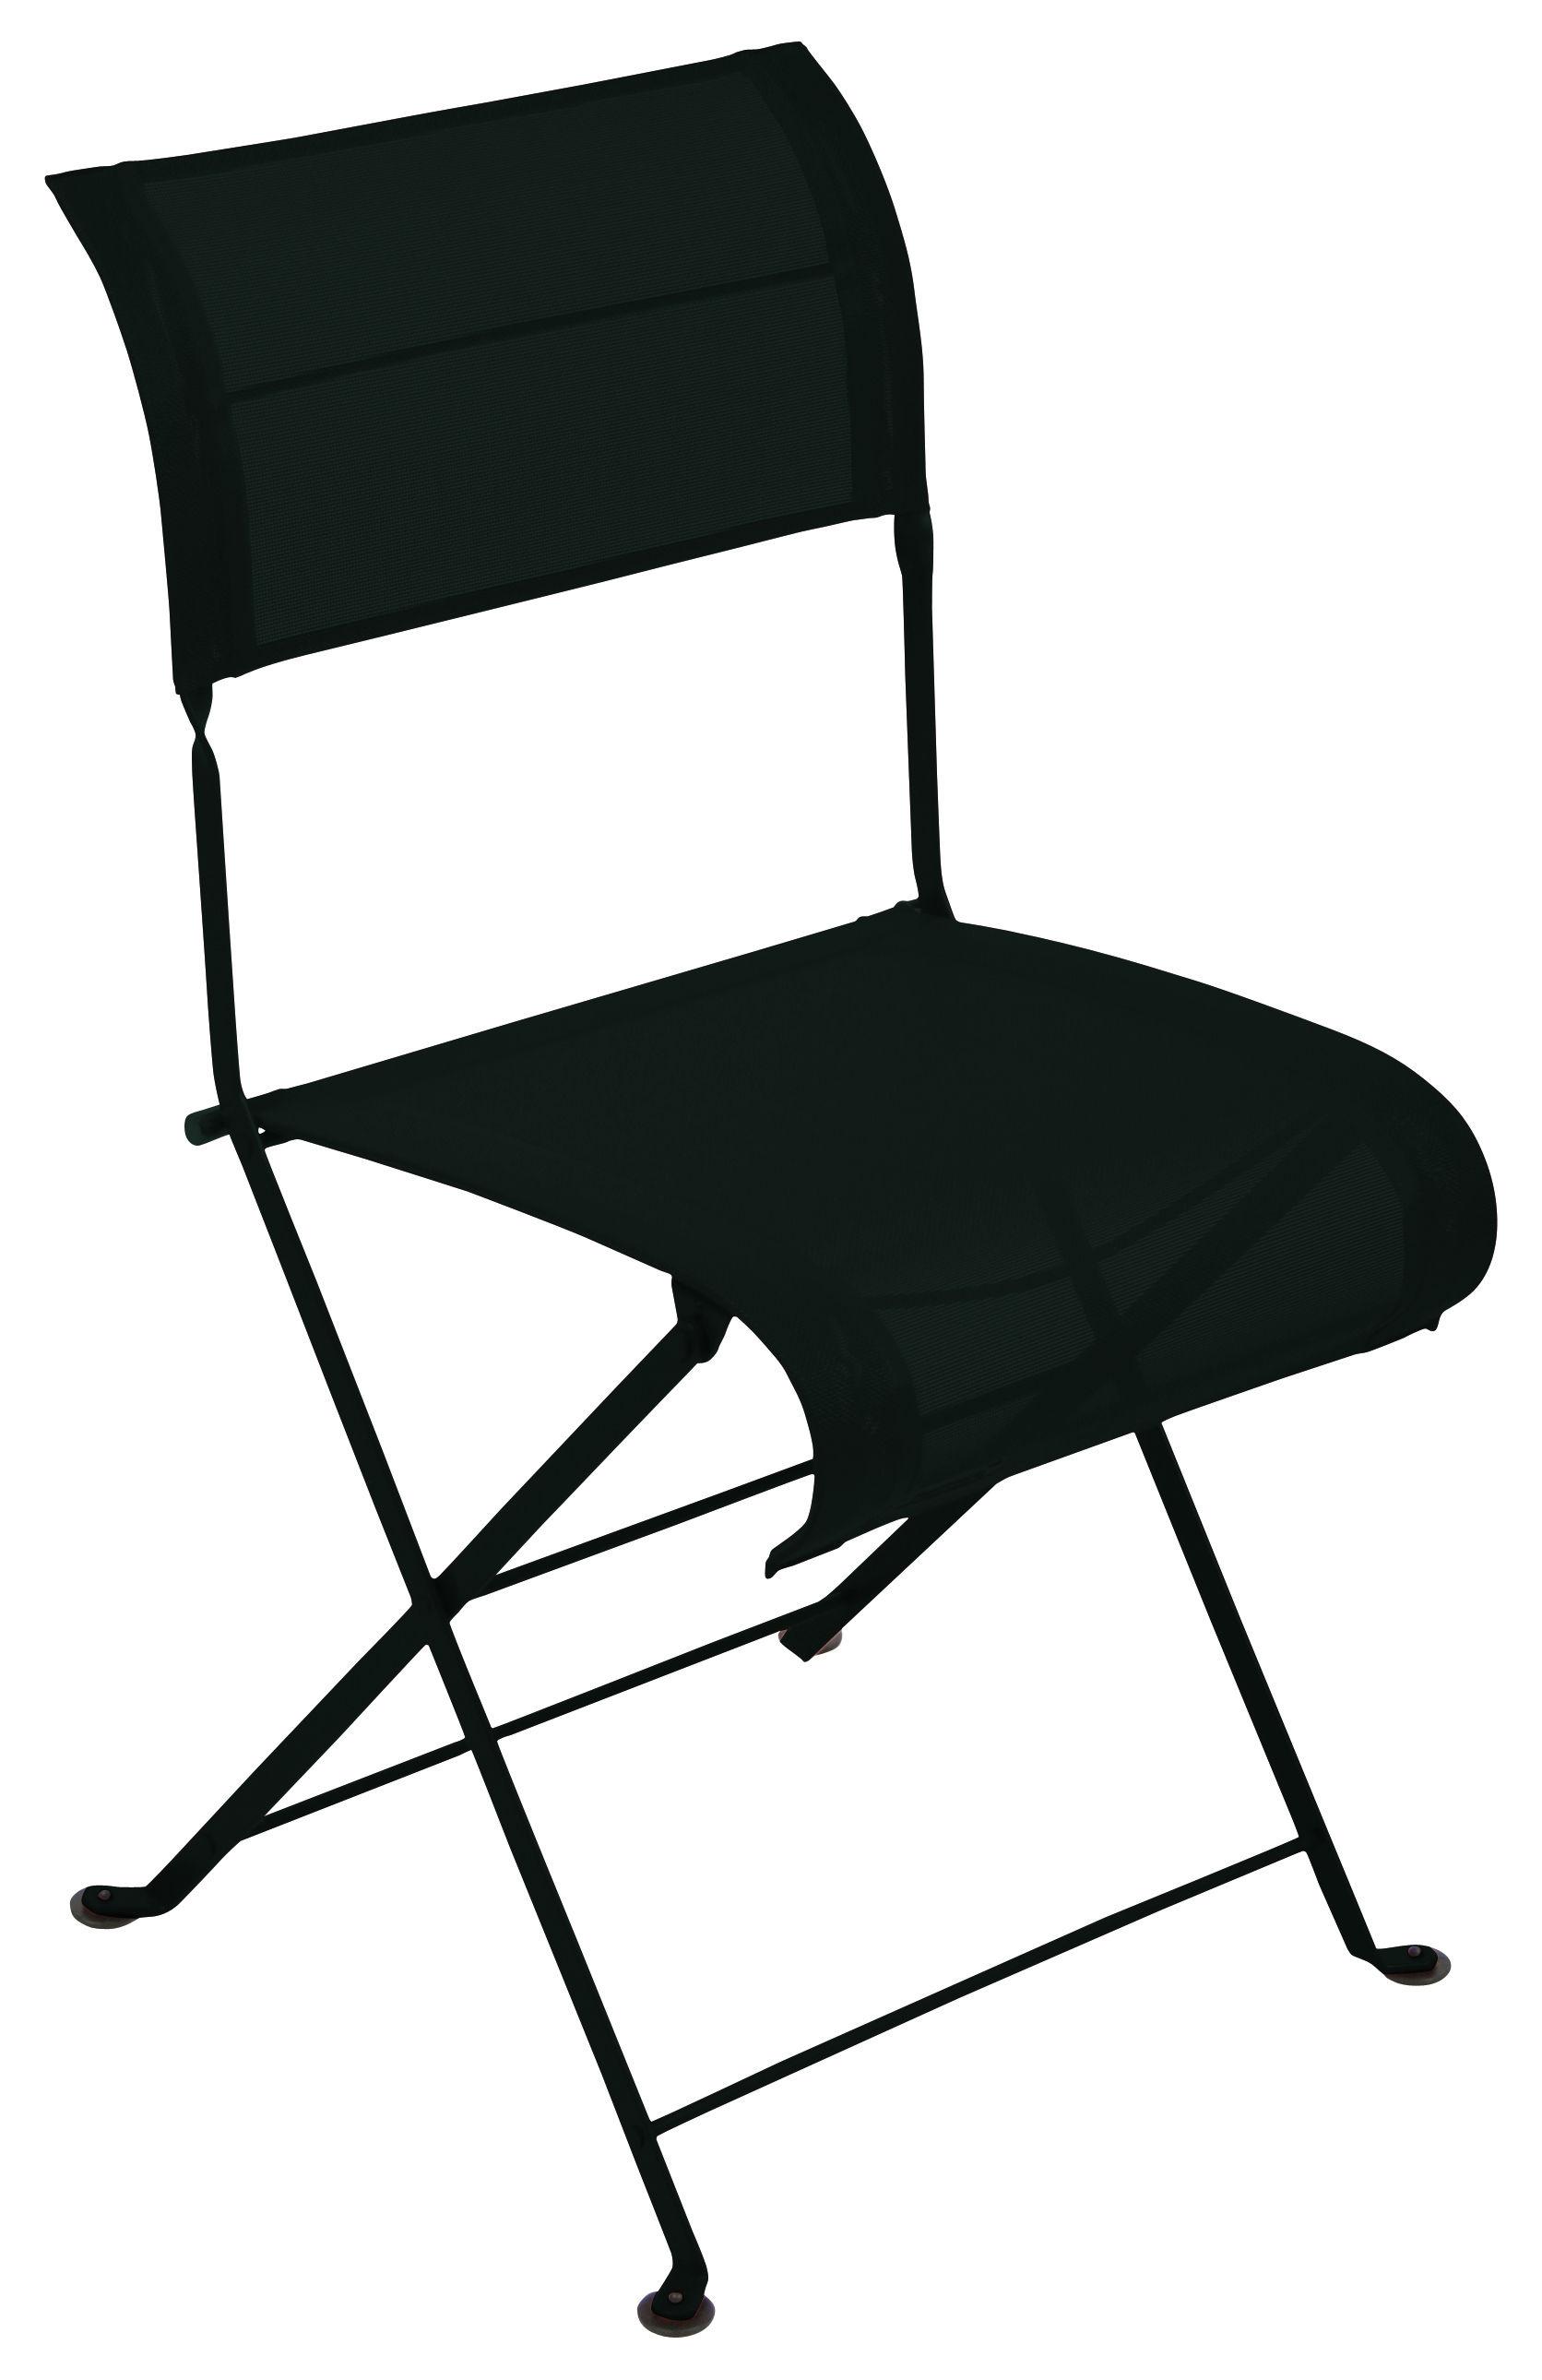 chaise pliante dune toile r glisse fermob. Black Bedroom Furniture Sets. Home Design Ideas